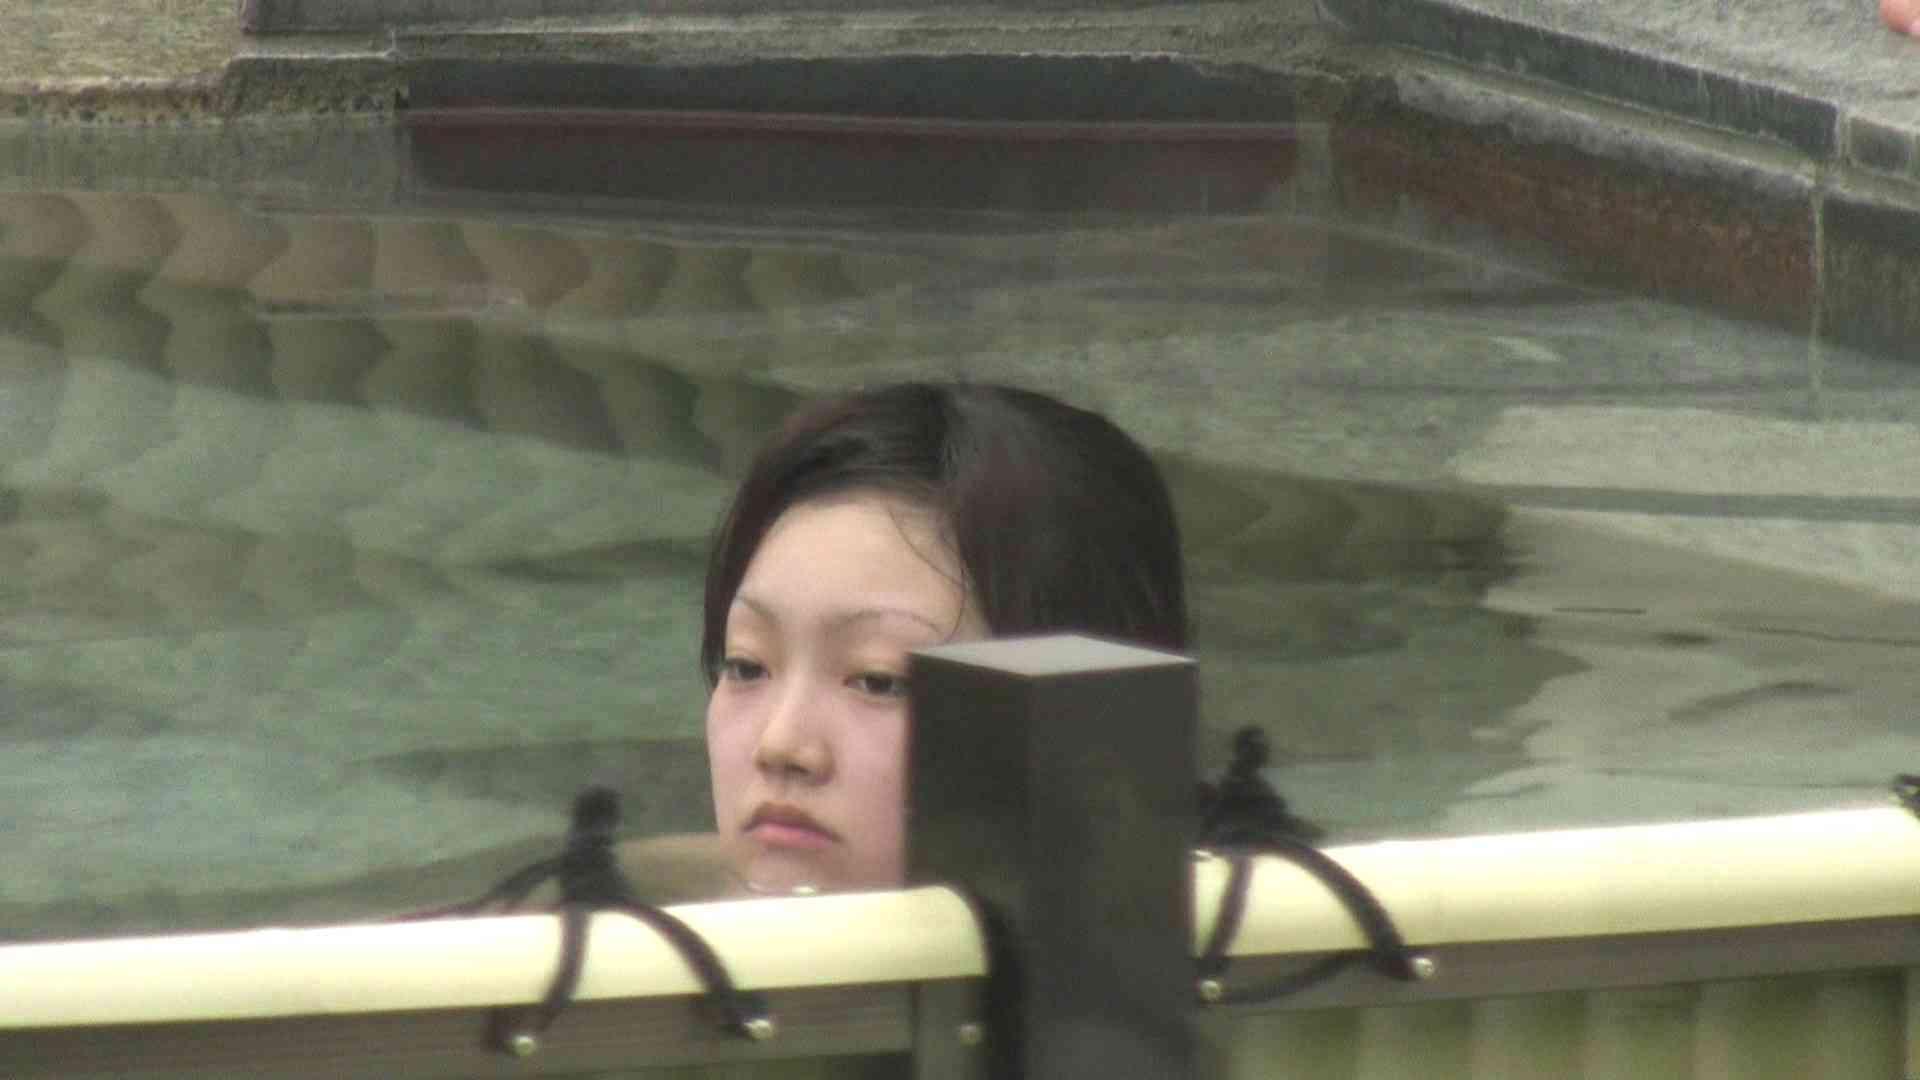 Aquaな露天風呂Vol.126 OLのエロ生活 戯れ無修正画像 72連発 20